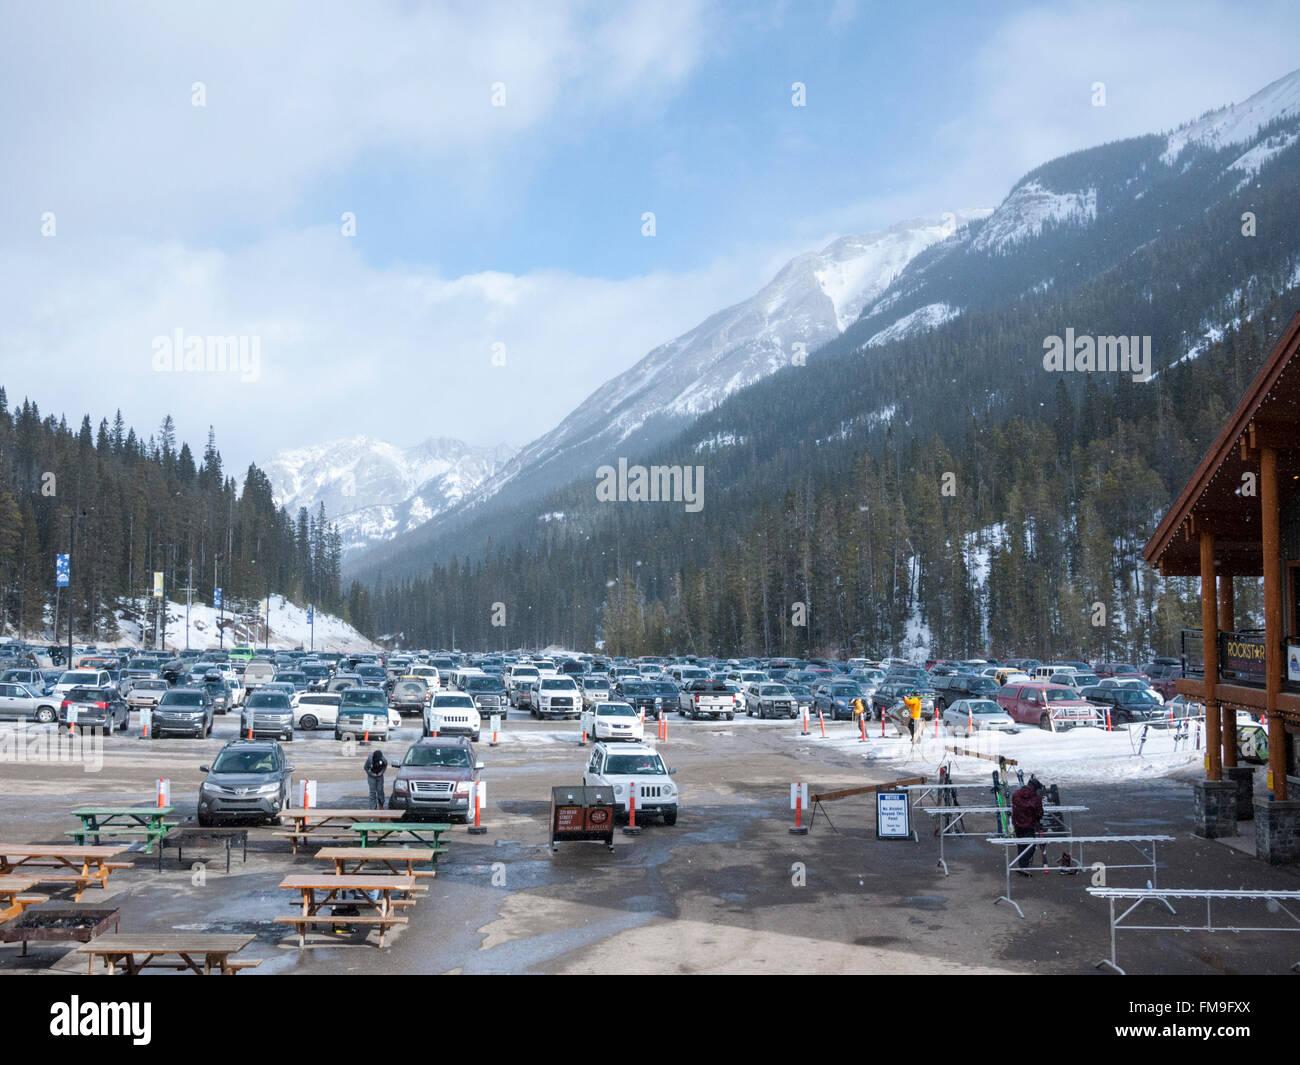 Per gli sciatori e il parcheggio al Sunshine Village resort sciistico Canada Banff Immagini Stock